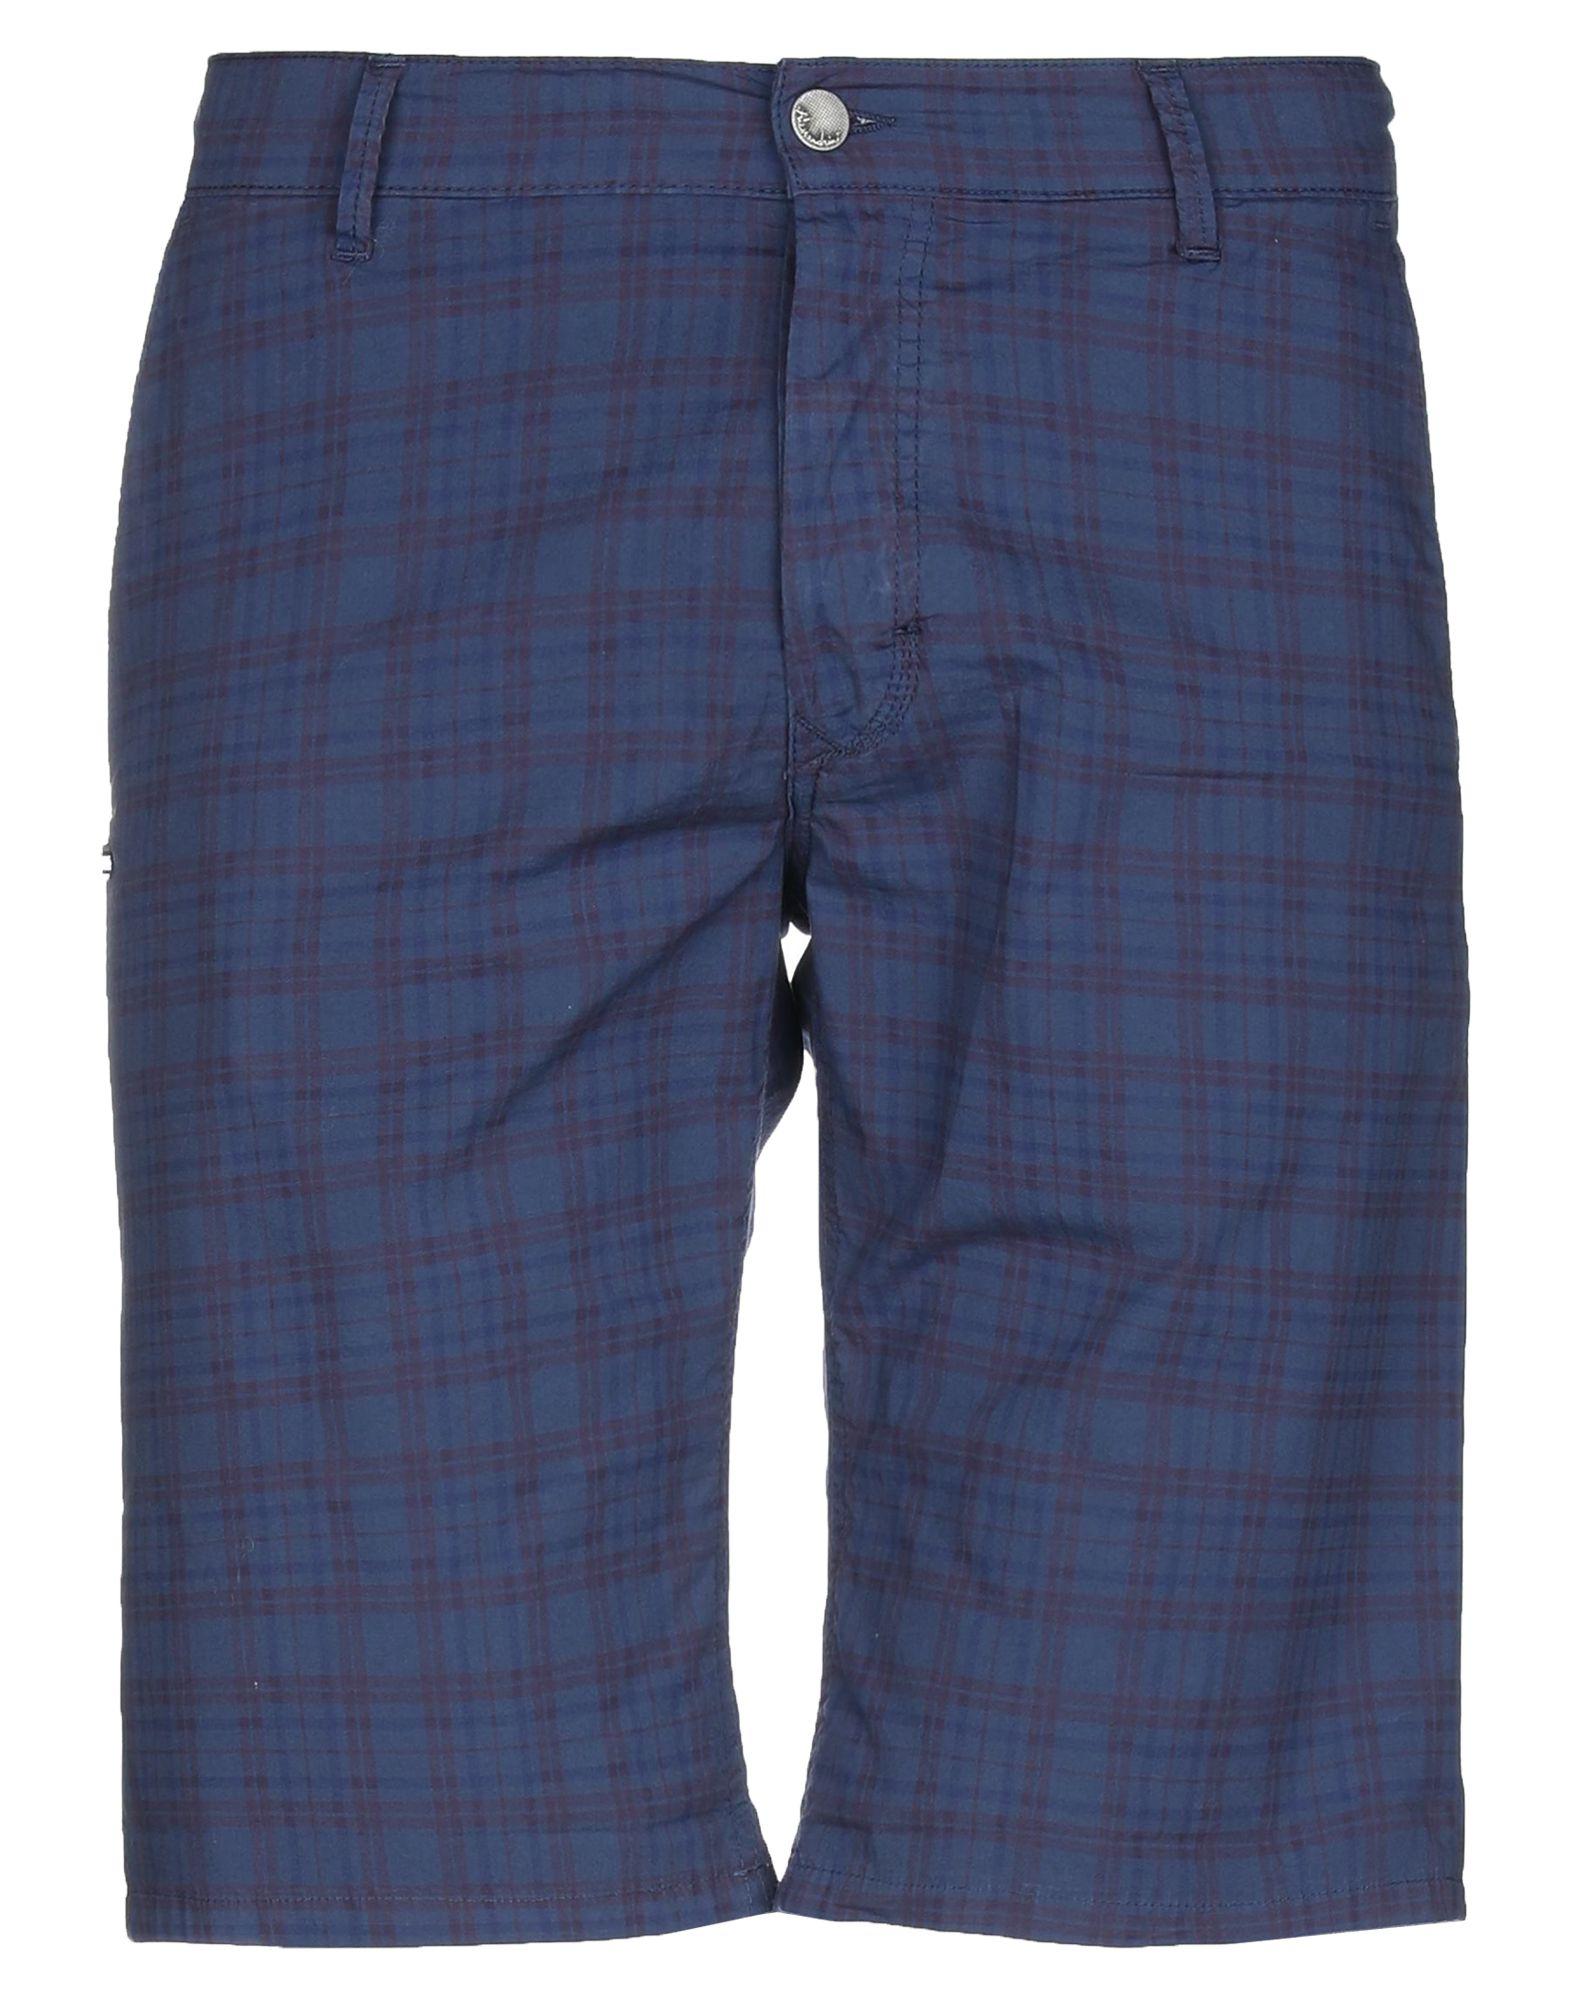 Shorts & Bermuda grau Daniele Alessandrini herren - 13364066OQ